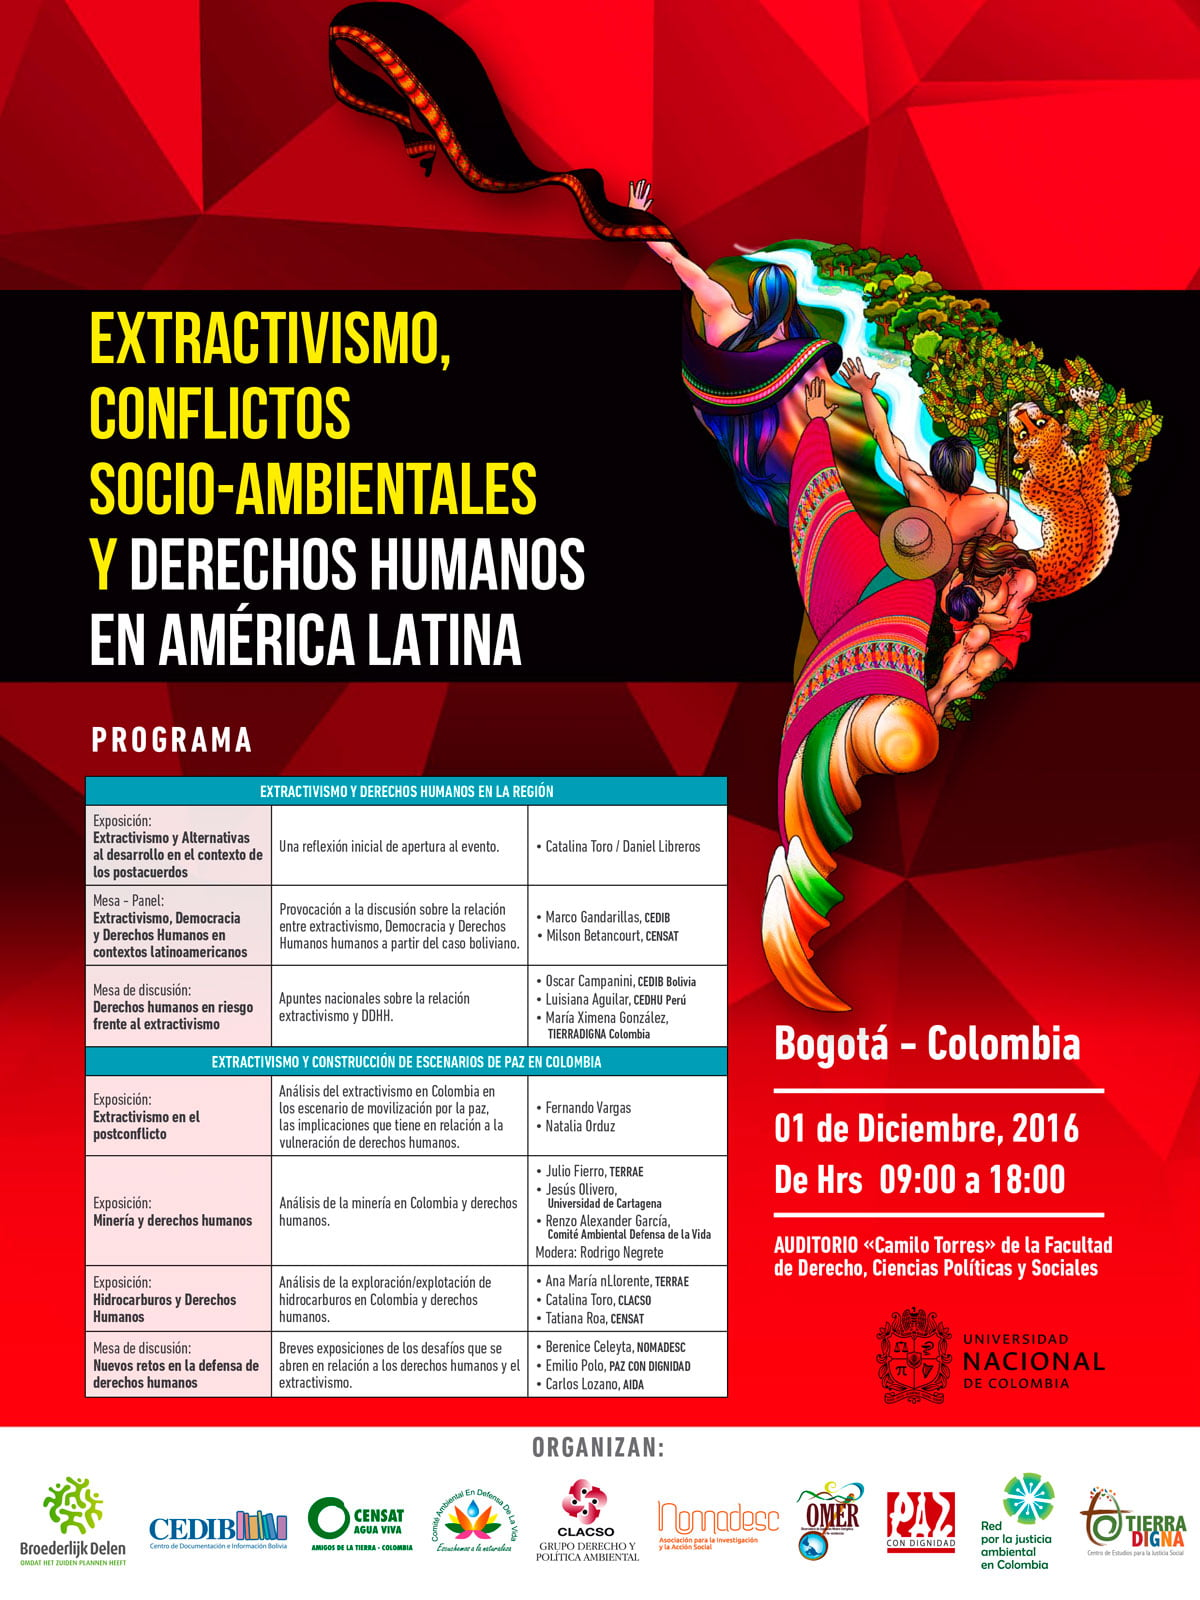 EXTRACTIVISMO, CONFLICTOS SOCIO AMBIENTALES Y DERECHOS HUMANOS EN aMÉRICA LATINA